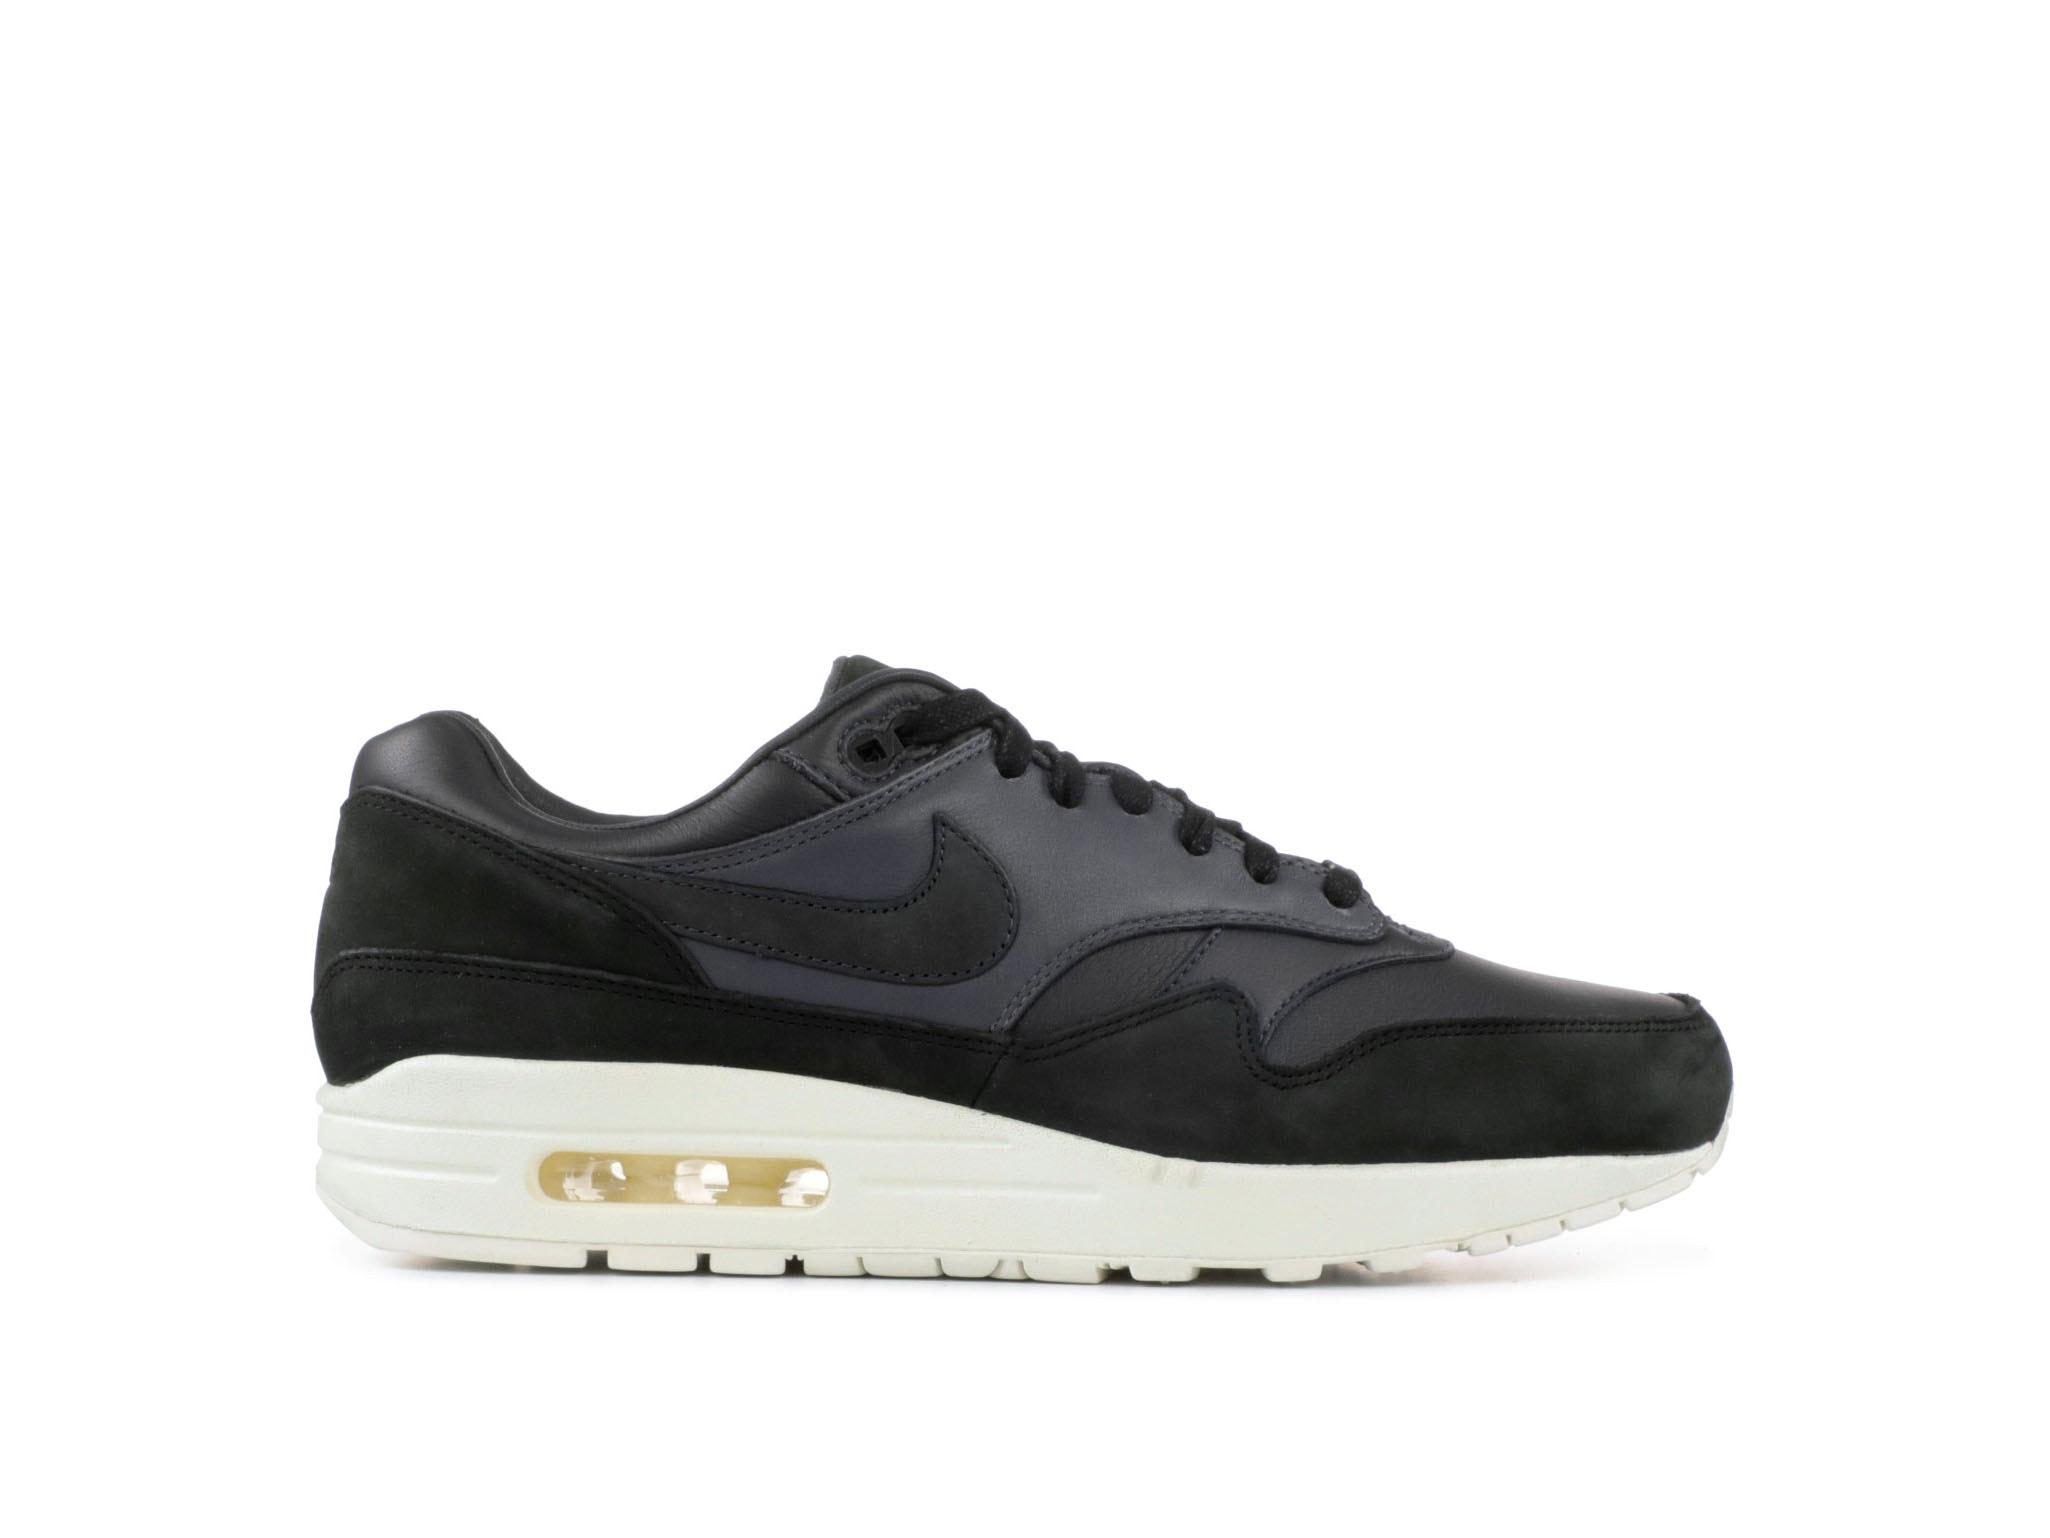 huge discount cba0b d70a1 NikeLab Air Max 1 Pinnacle Black Anthracite